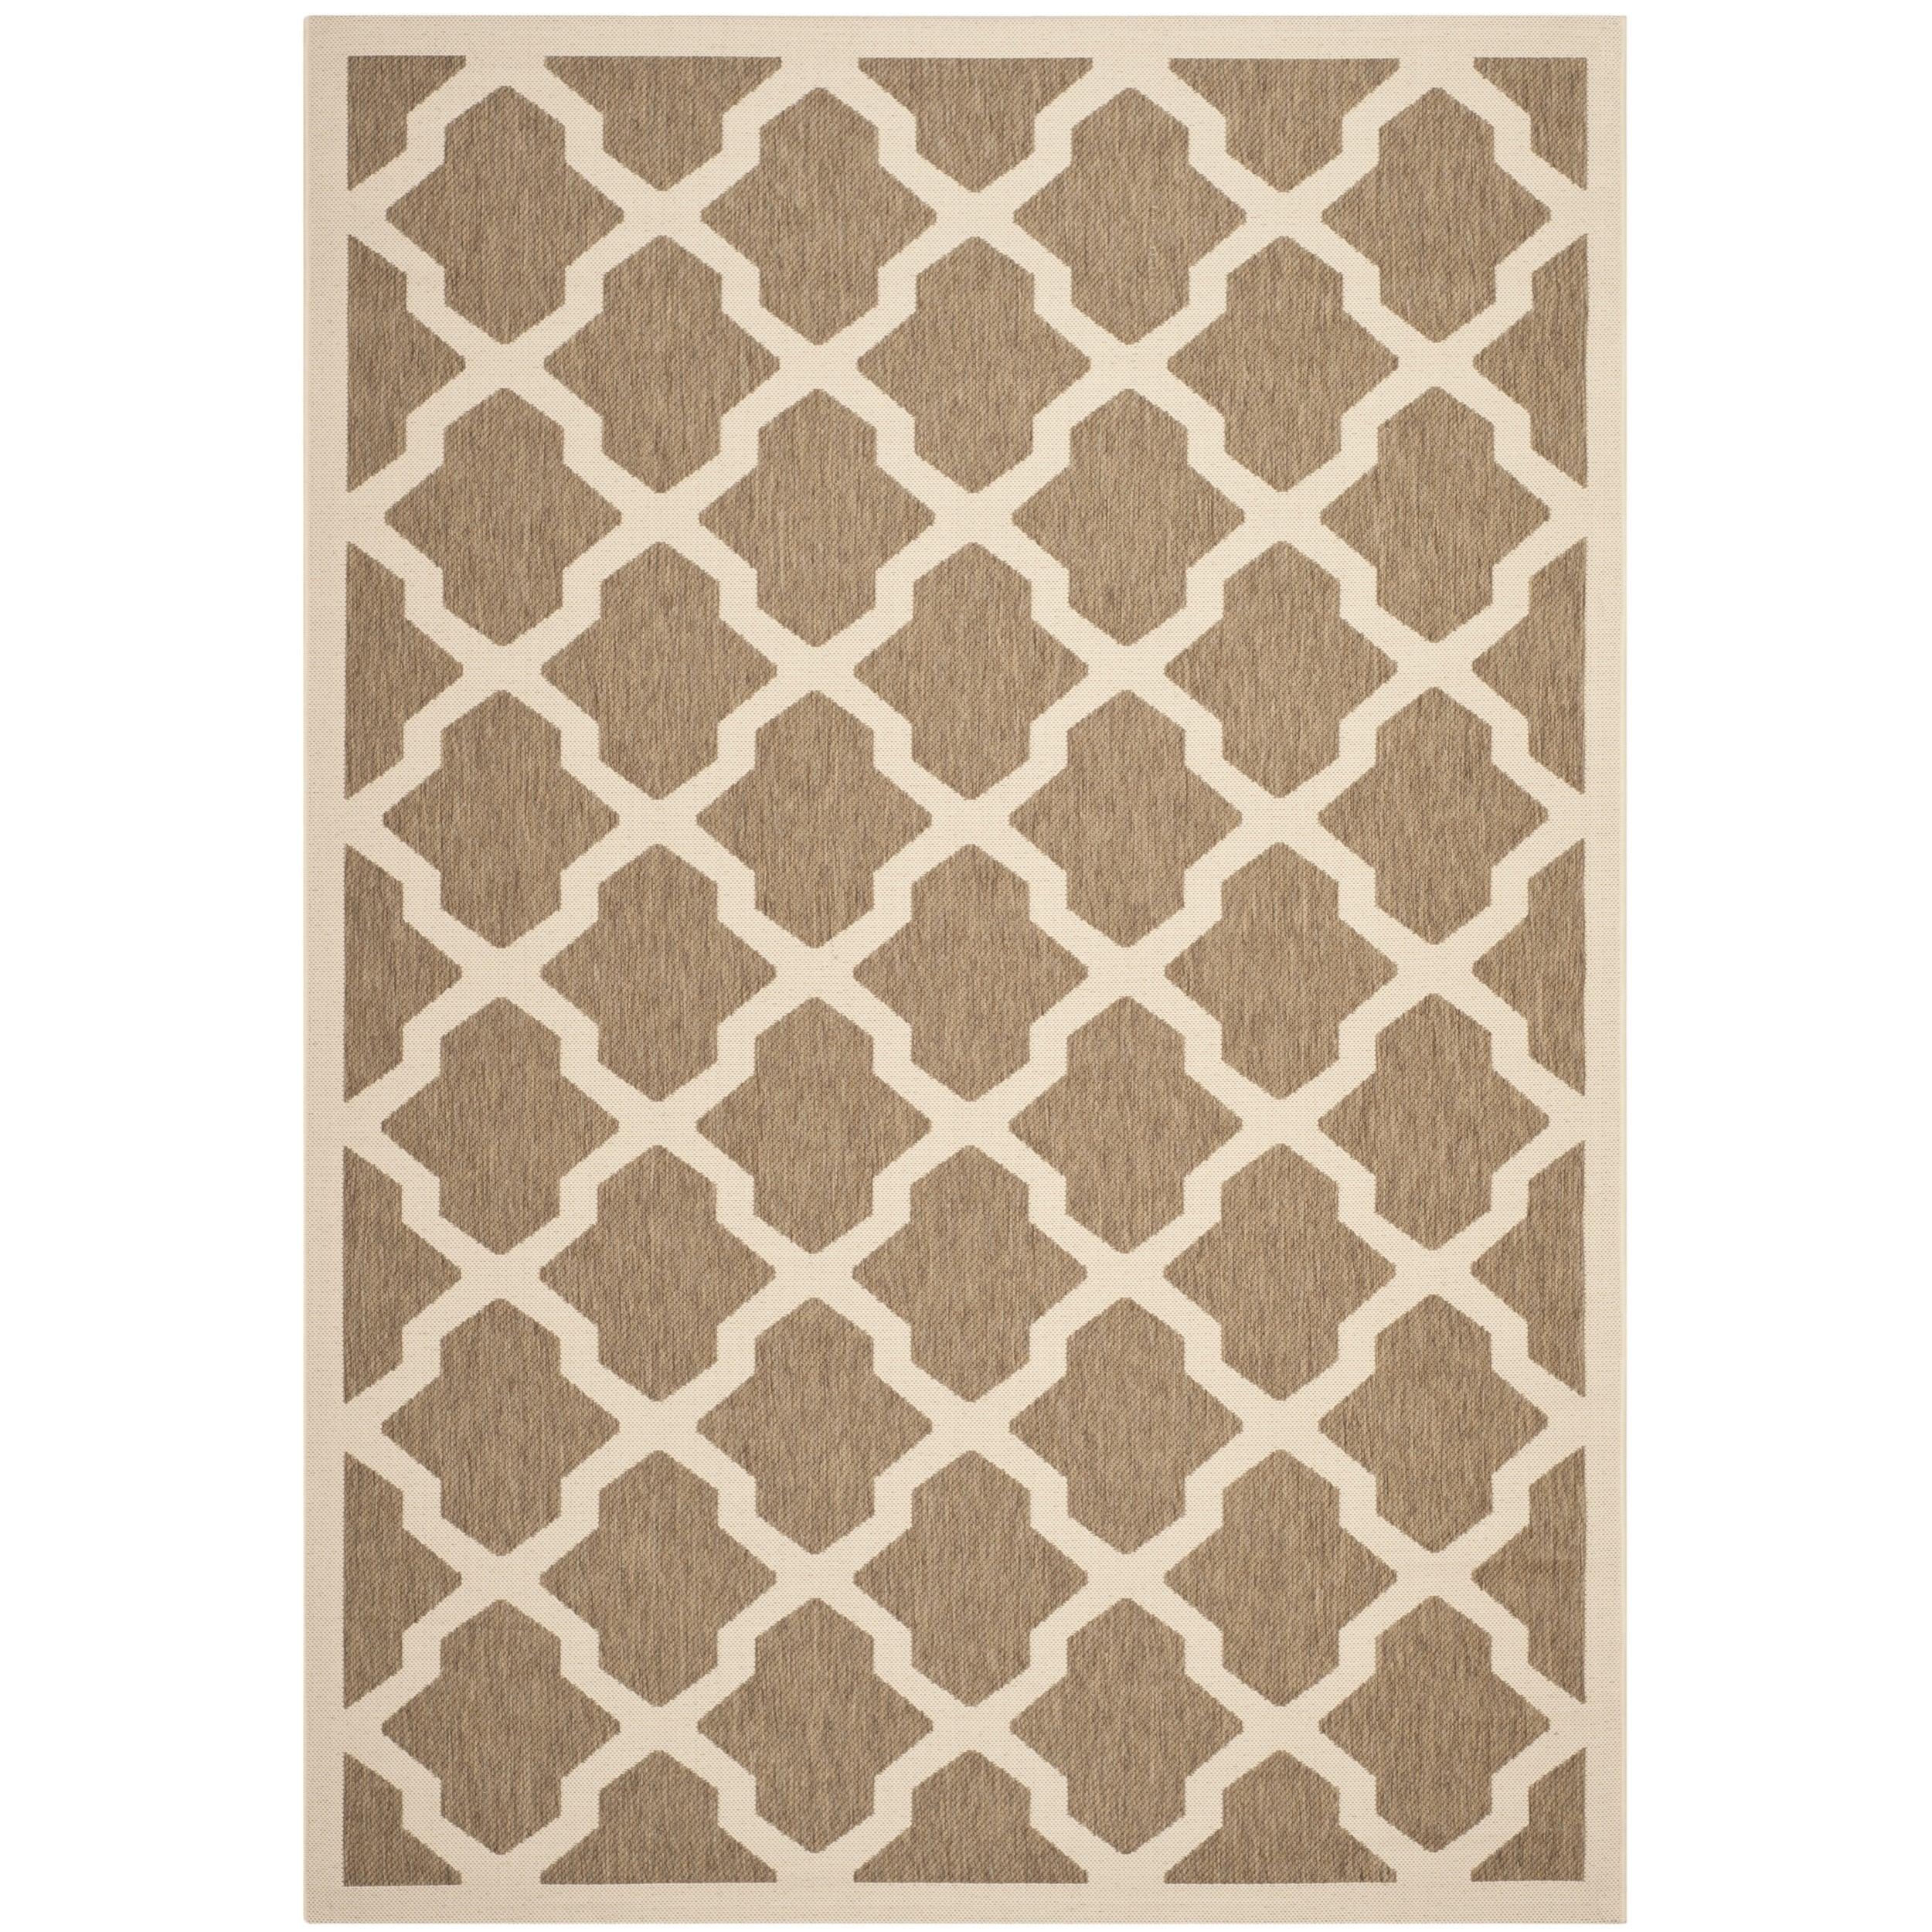 Safavieh Indoor/ Outdoor Courtyard Brown/ Bone Area Rug (53 X 77)